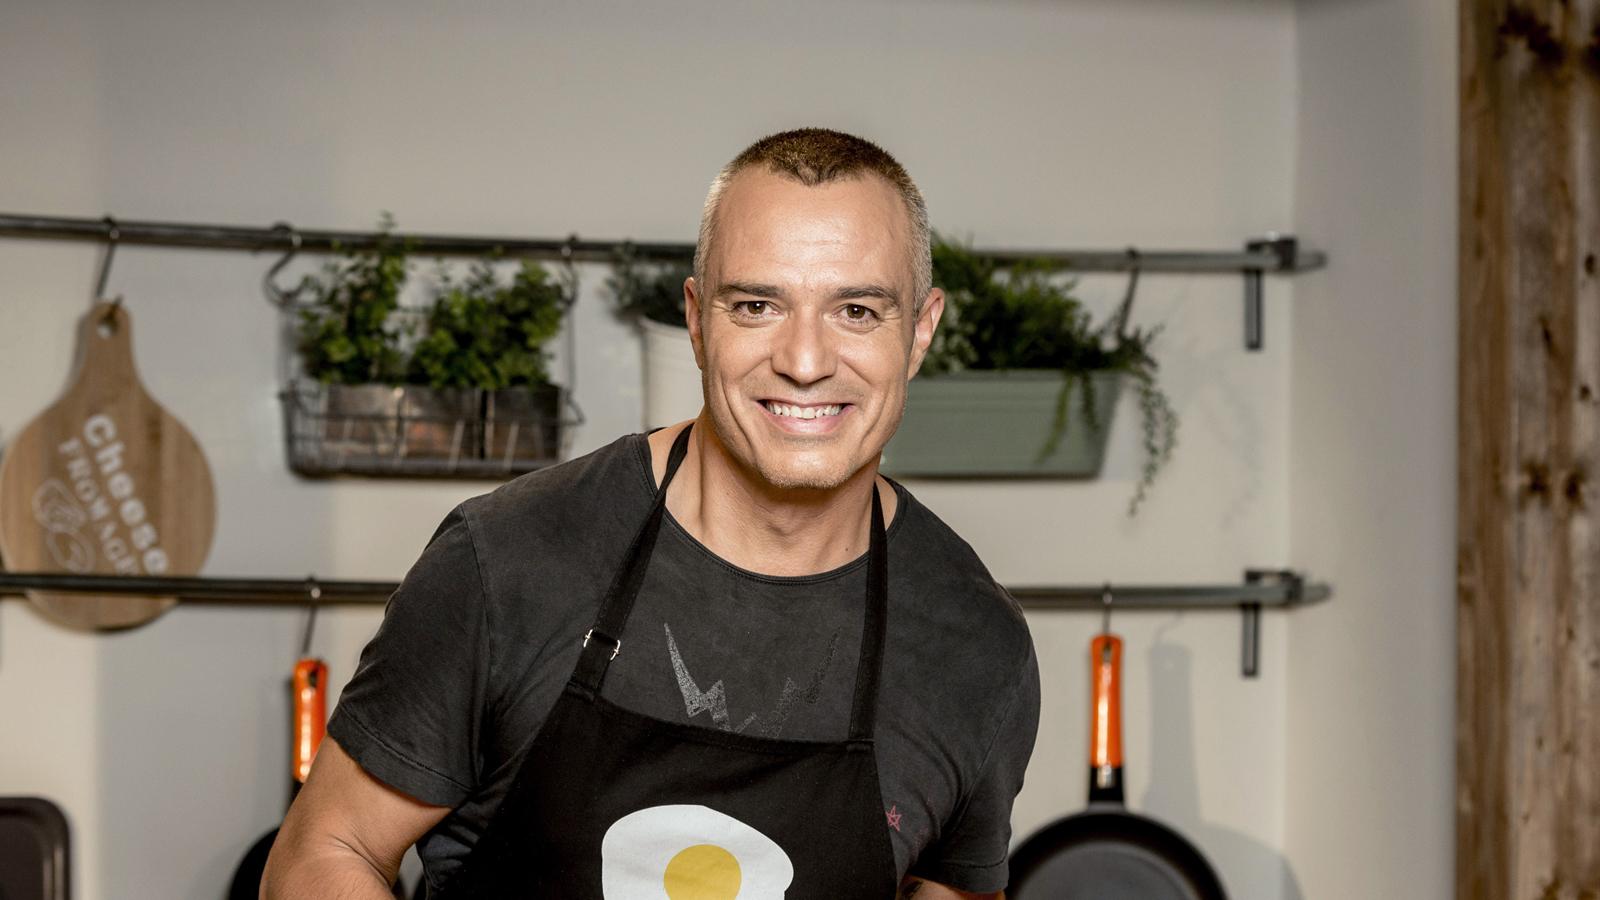 Juan pozuelo cocineros canal cocina for Cocineros de canal cocina